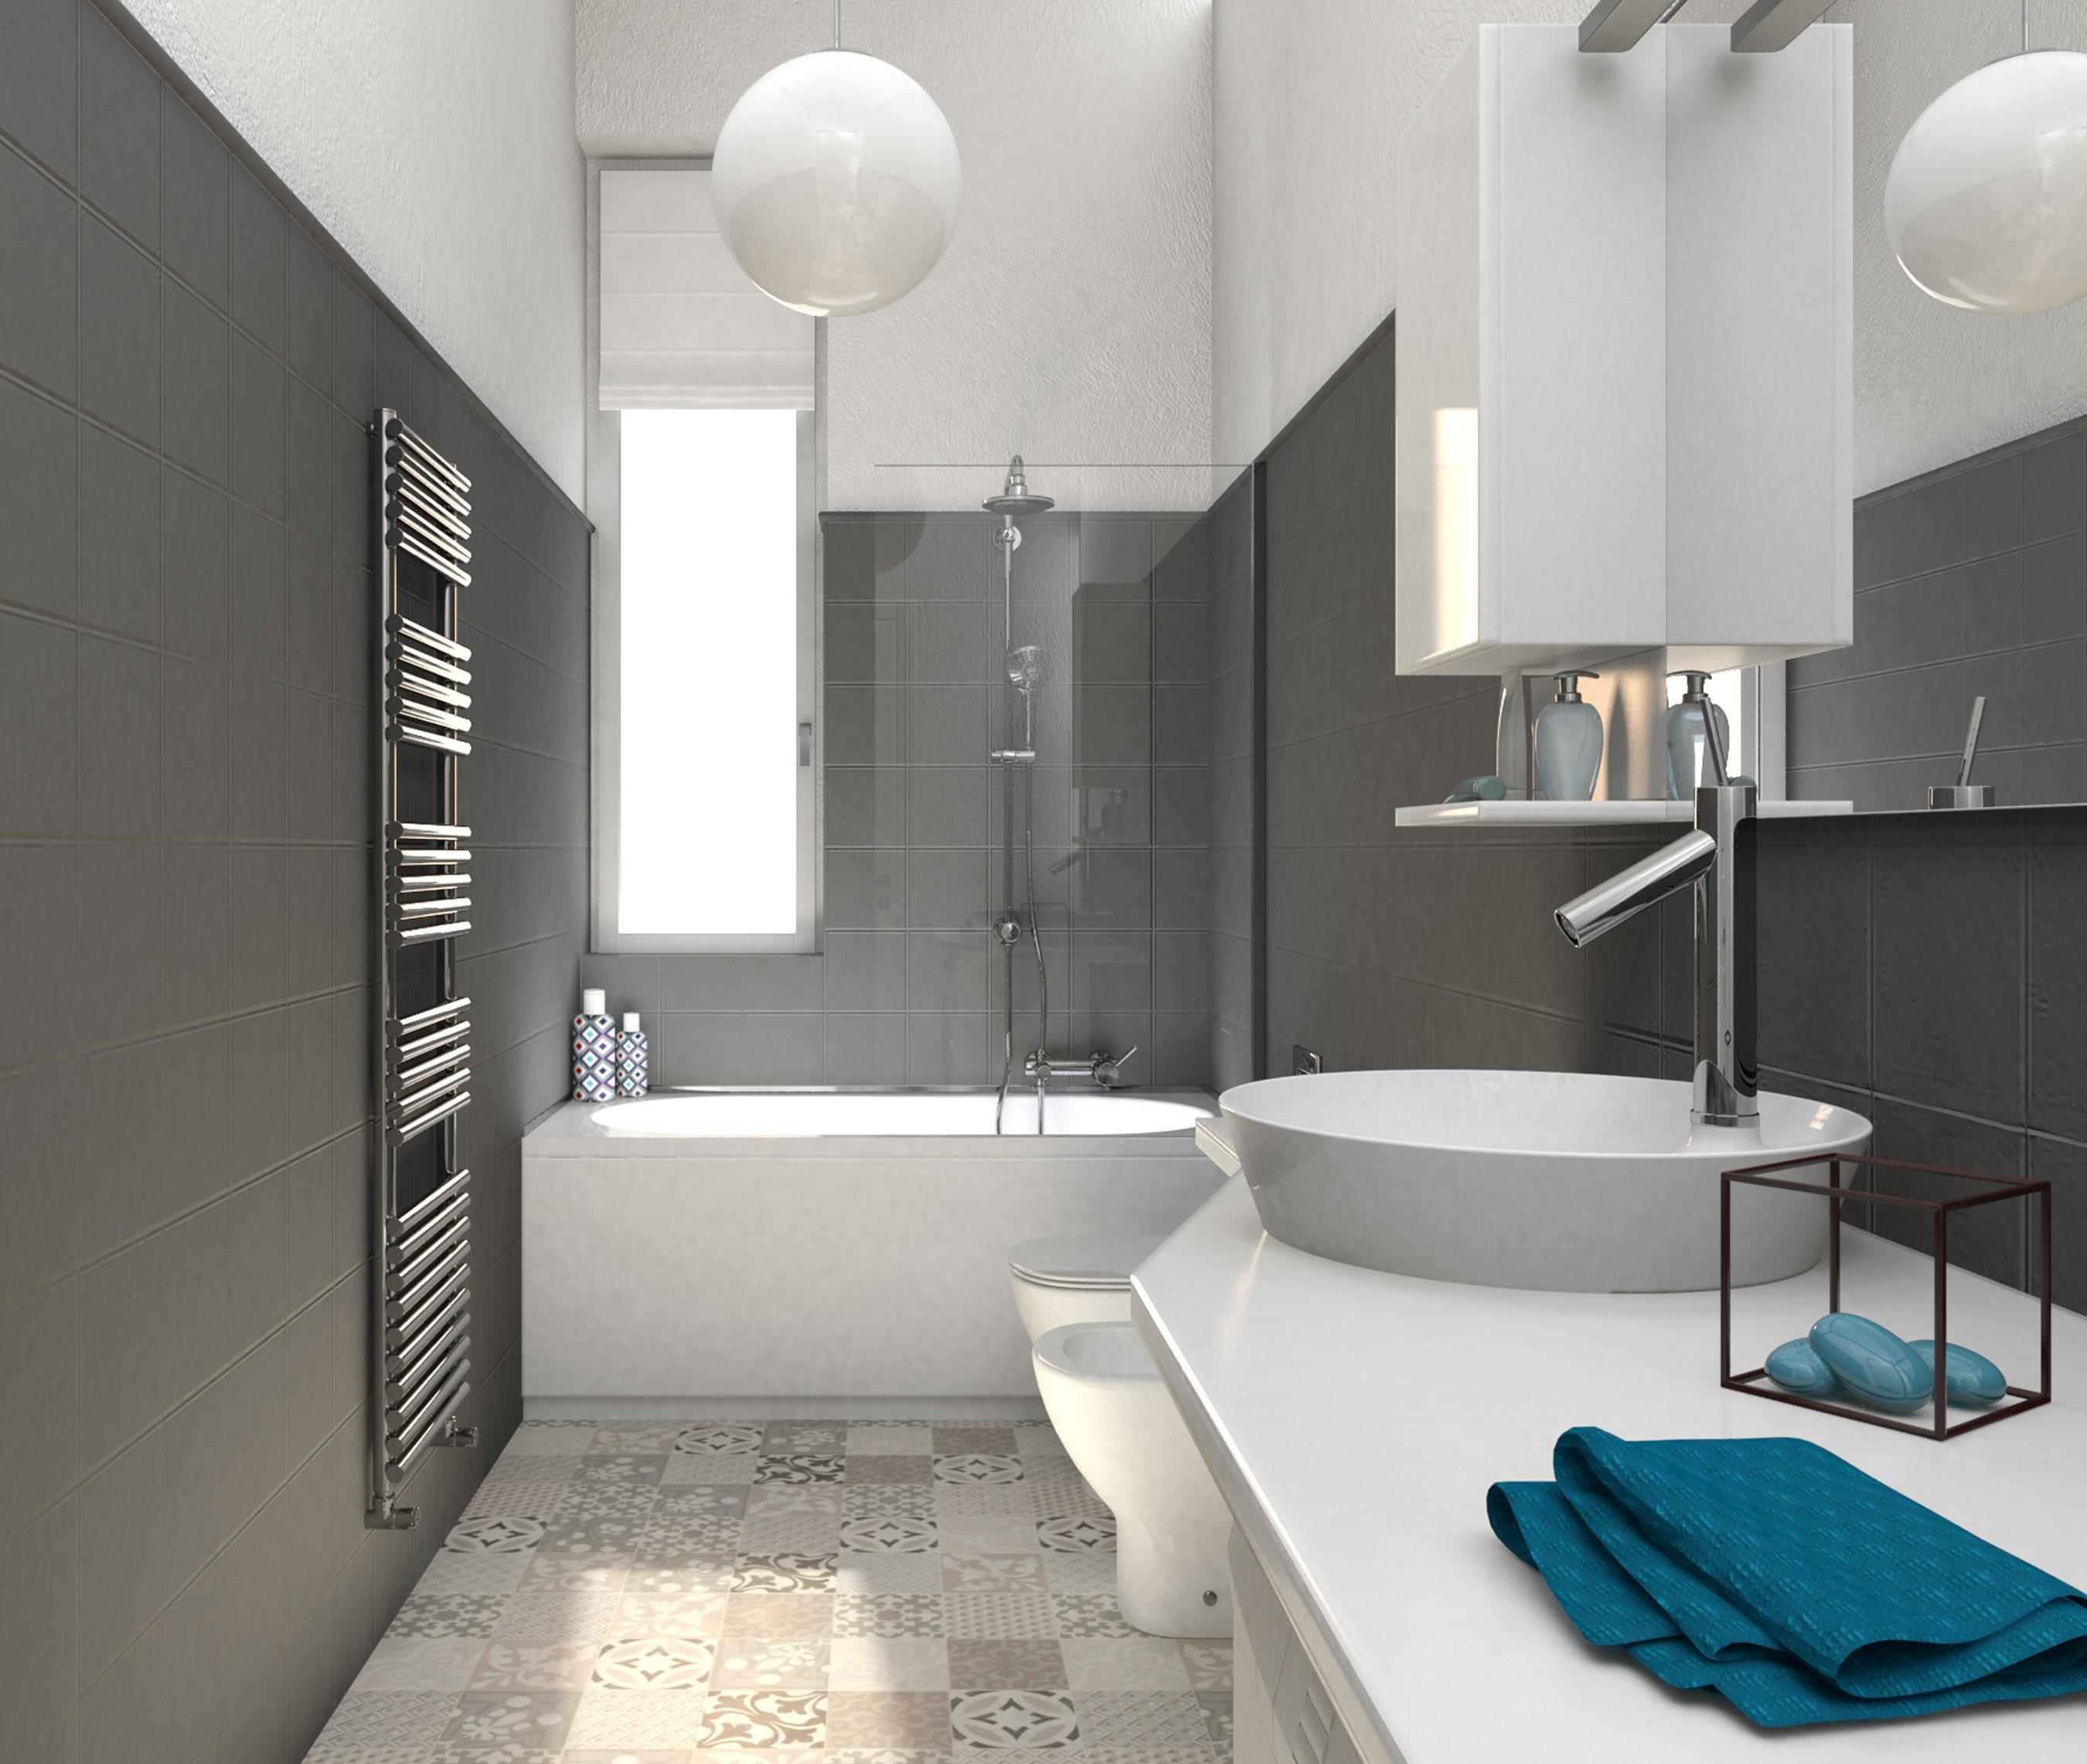 Relooking un progetto da copiare per rinnovare il bagno - Pitturare piastrelle bagno ...